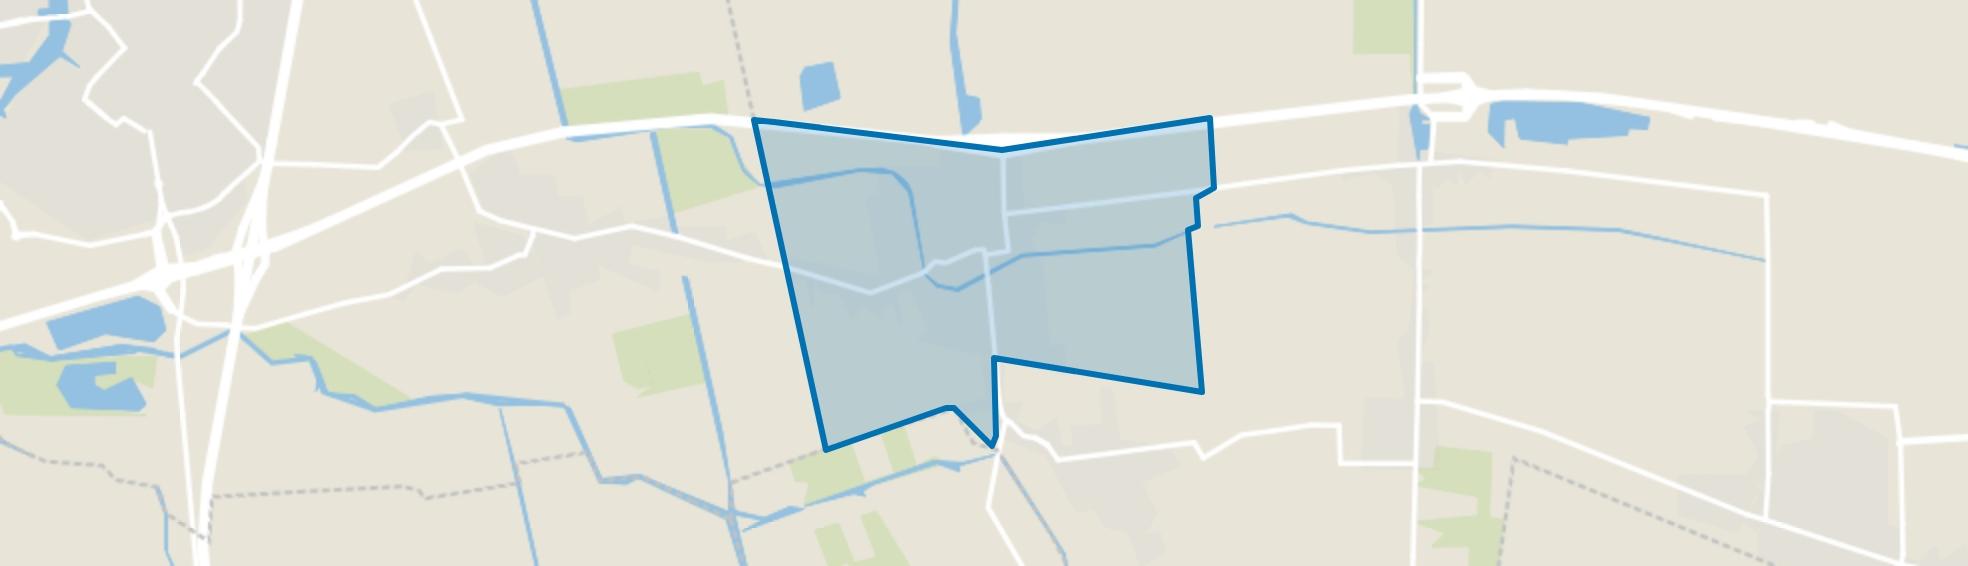 Waspik Beneden, Waspik map